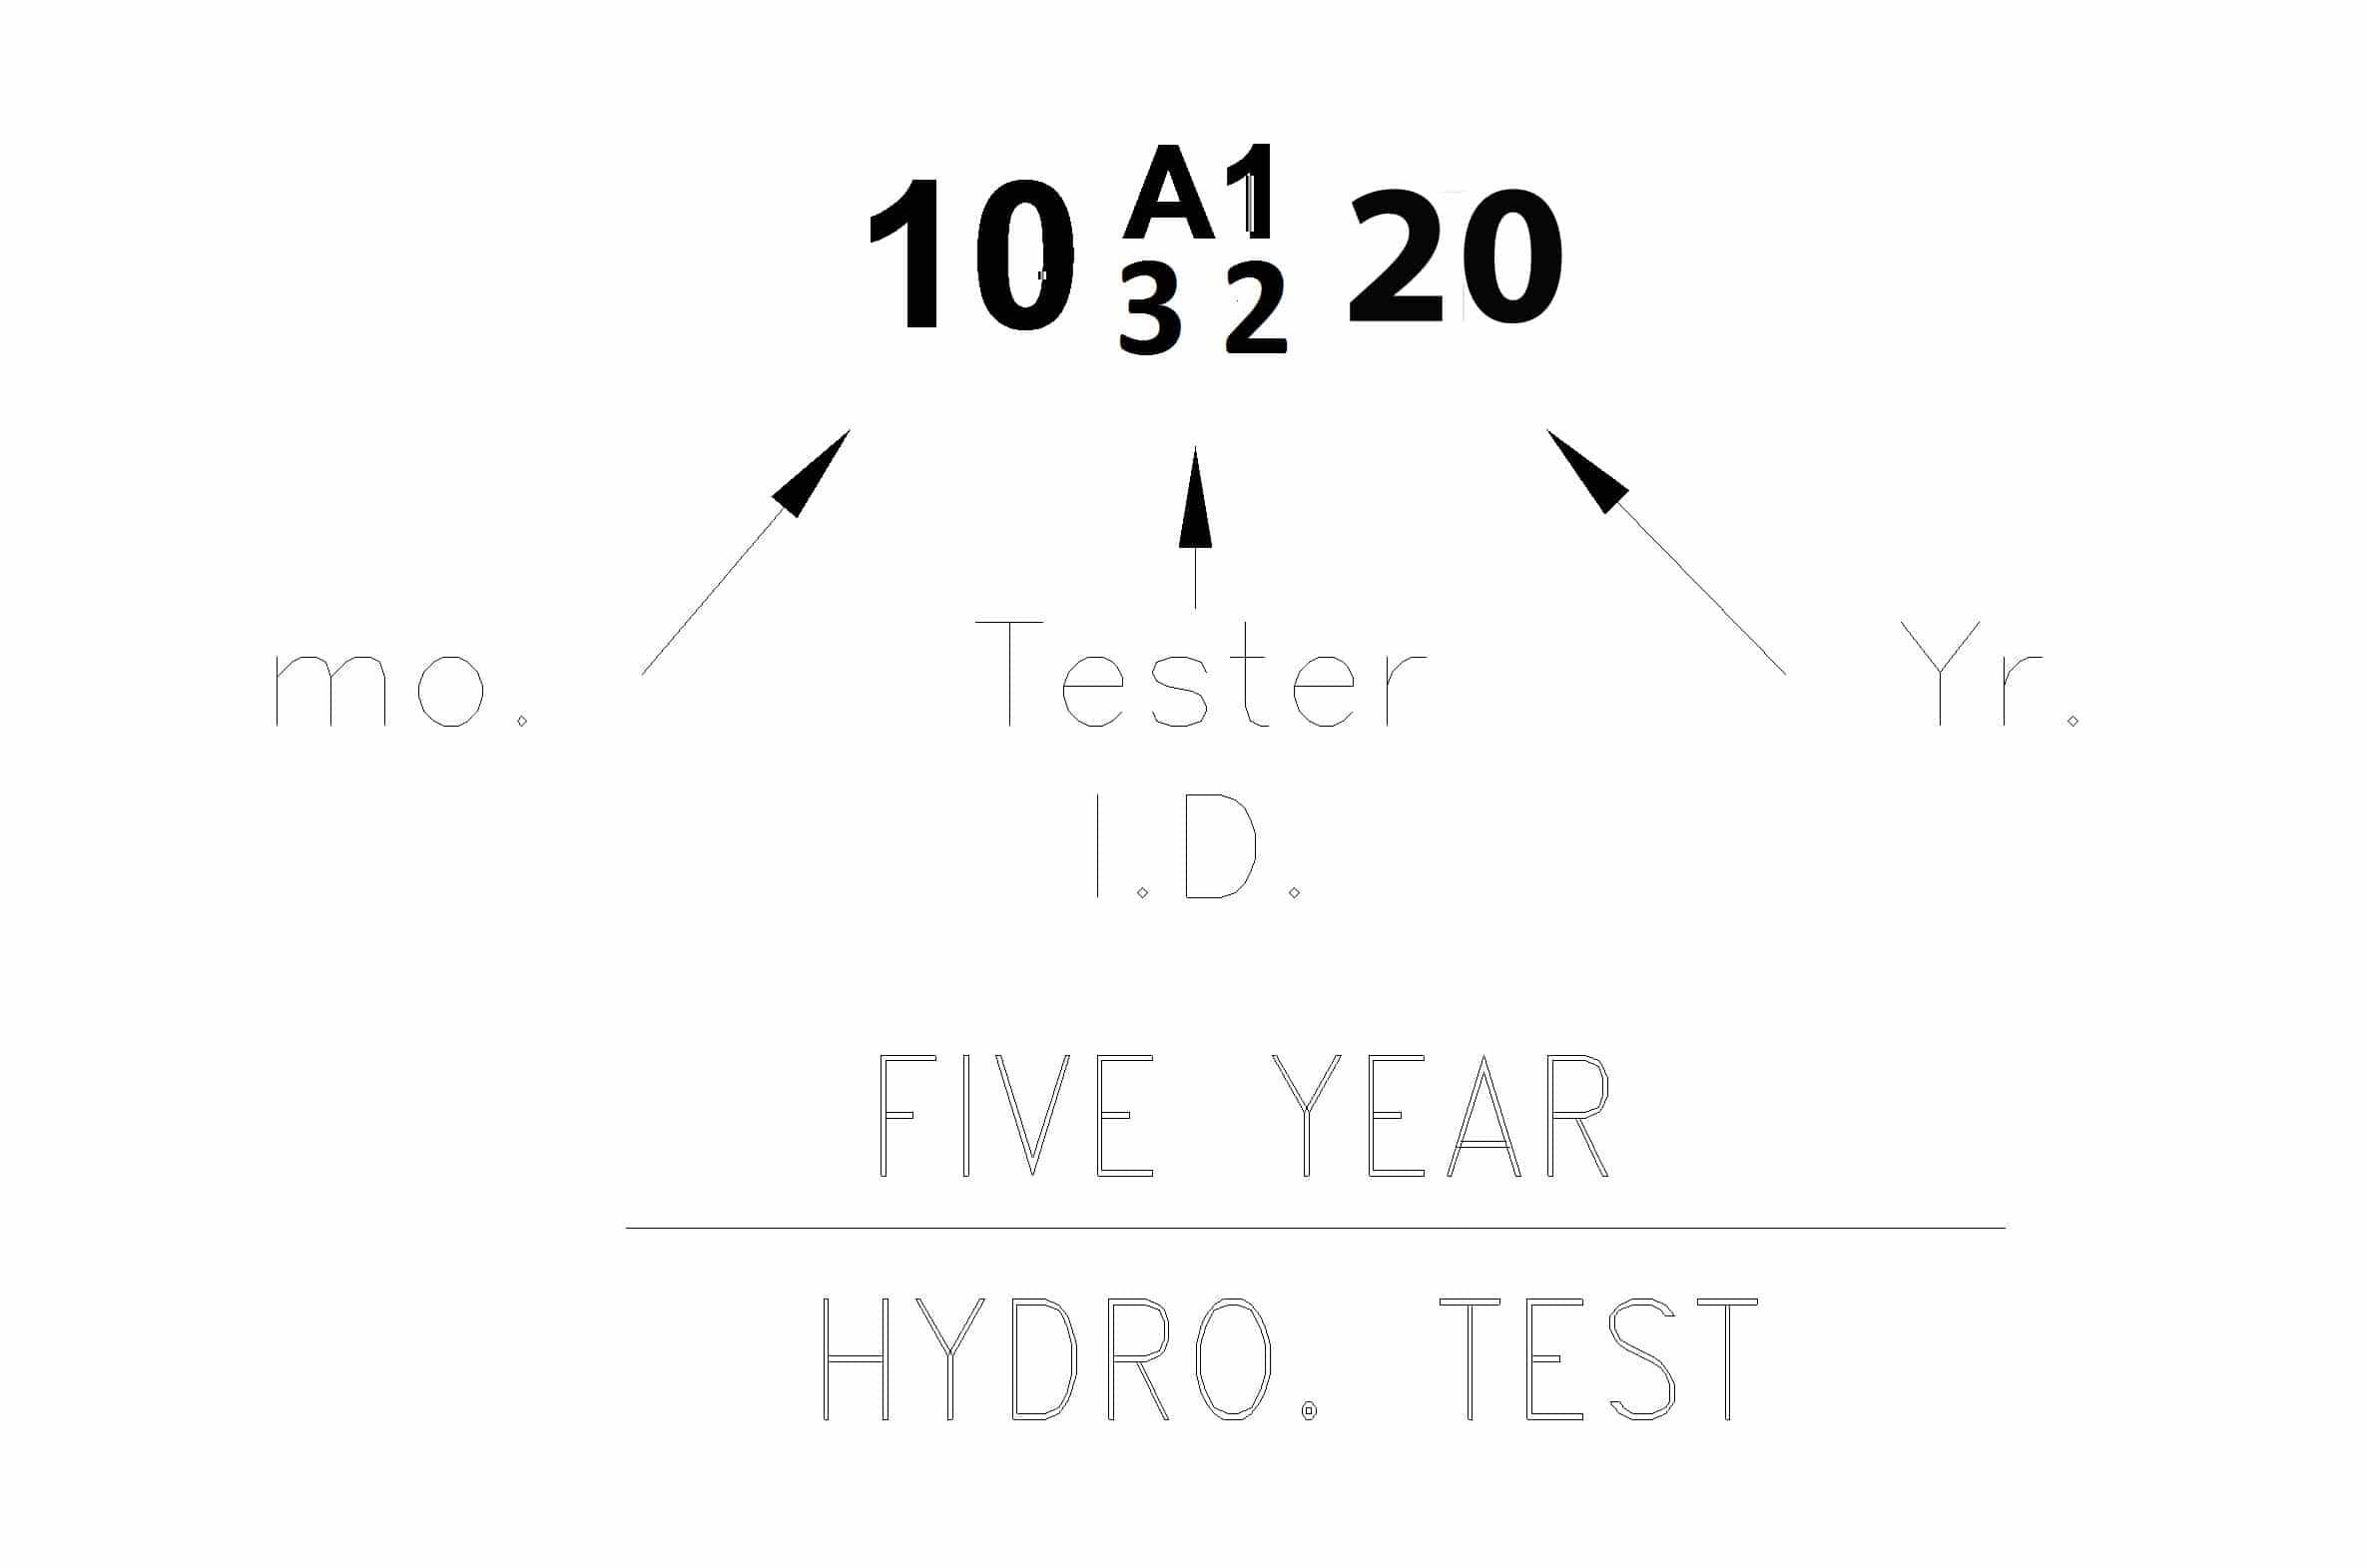 Tank hydro 2020